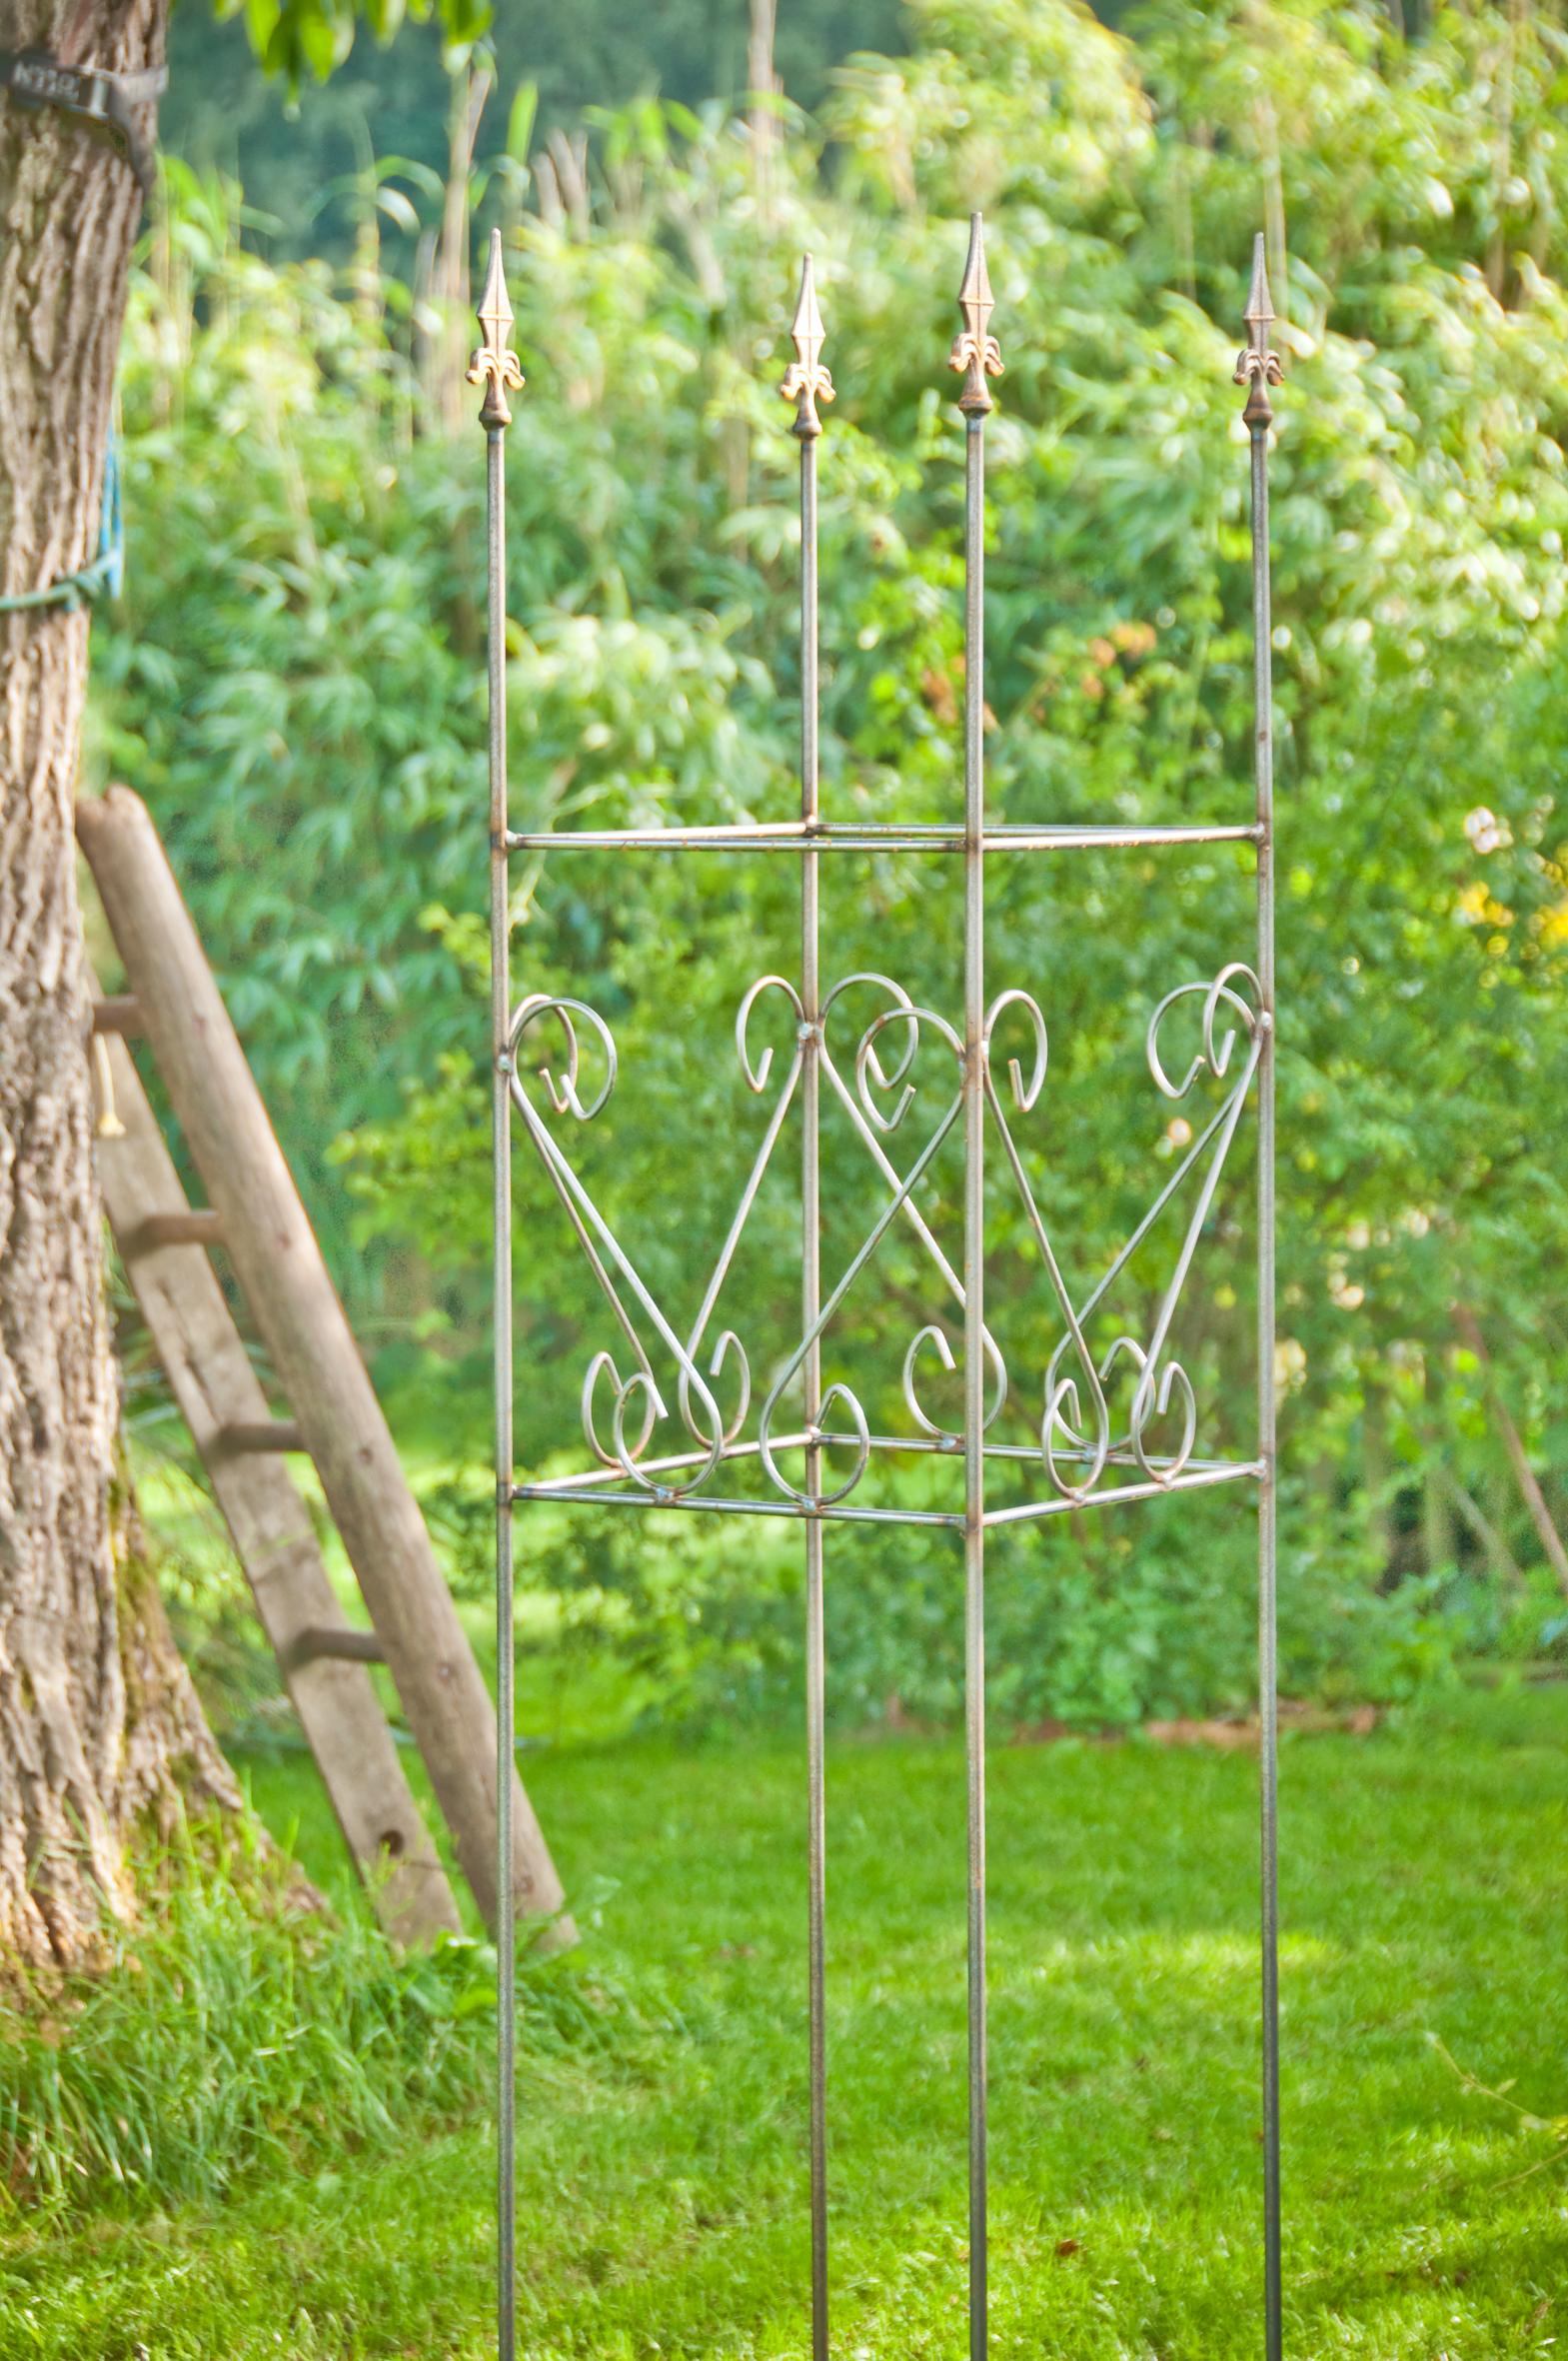 Rankhilfe metall eckig rostig gro for Gartendeko gusseisen rostig